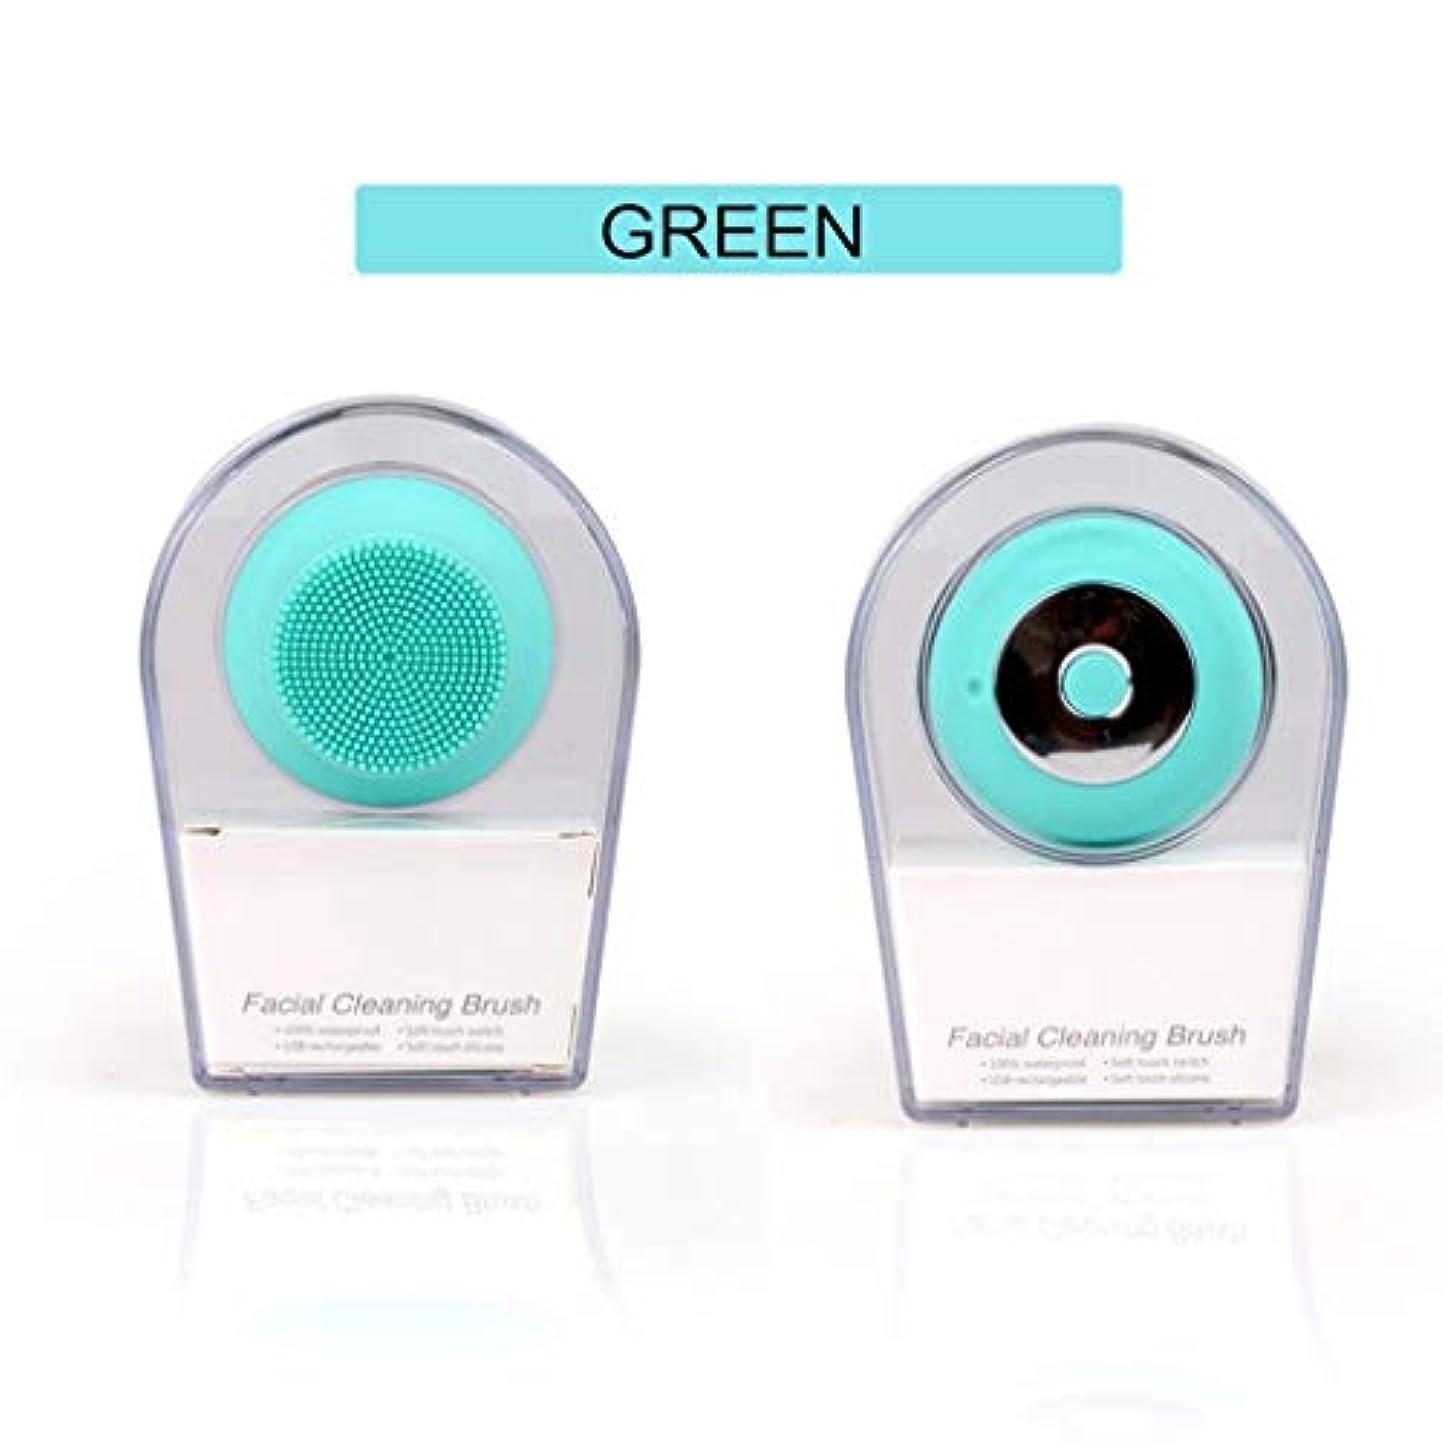 確かに天の外交問題ソニックフェイシャルクレンジングブラシ、電動ビューティーマッサージブラシフェイシャルクレンジングポータブルバイブレーションマッサージ機器ディープクレンジング穏やかな角質除去ブラックヘッドの除去 (Color : Green)